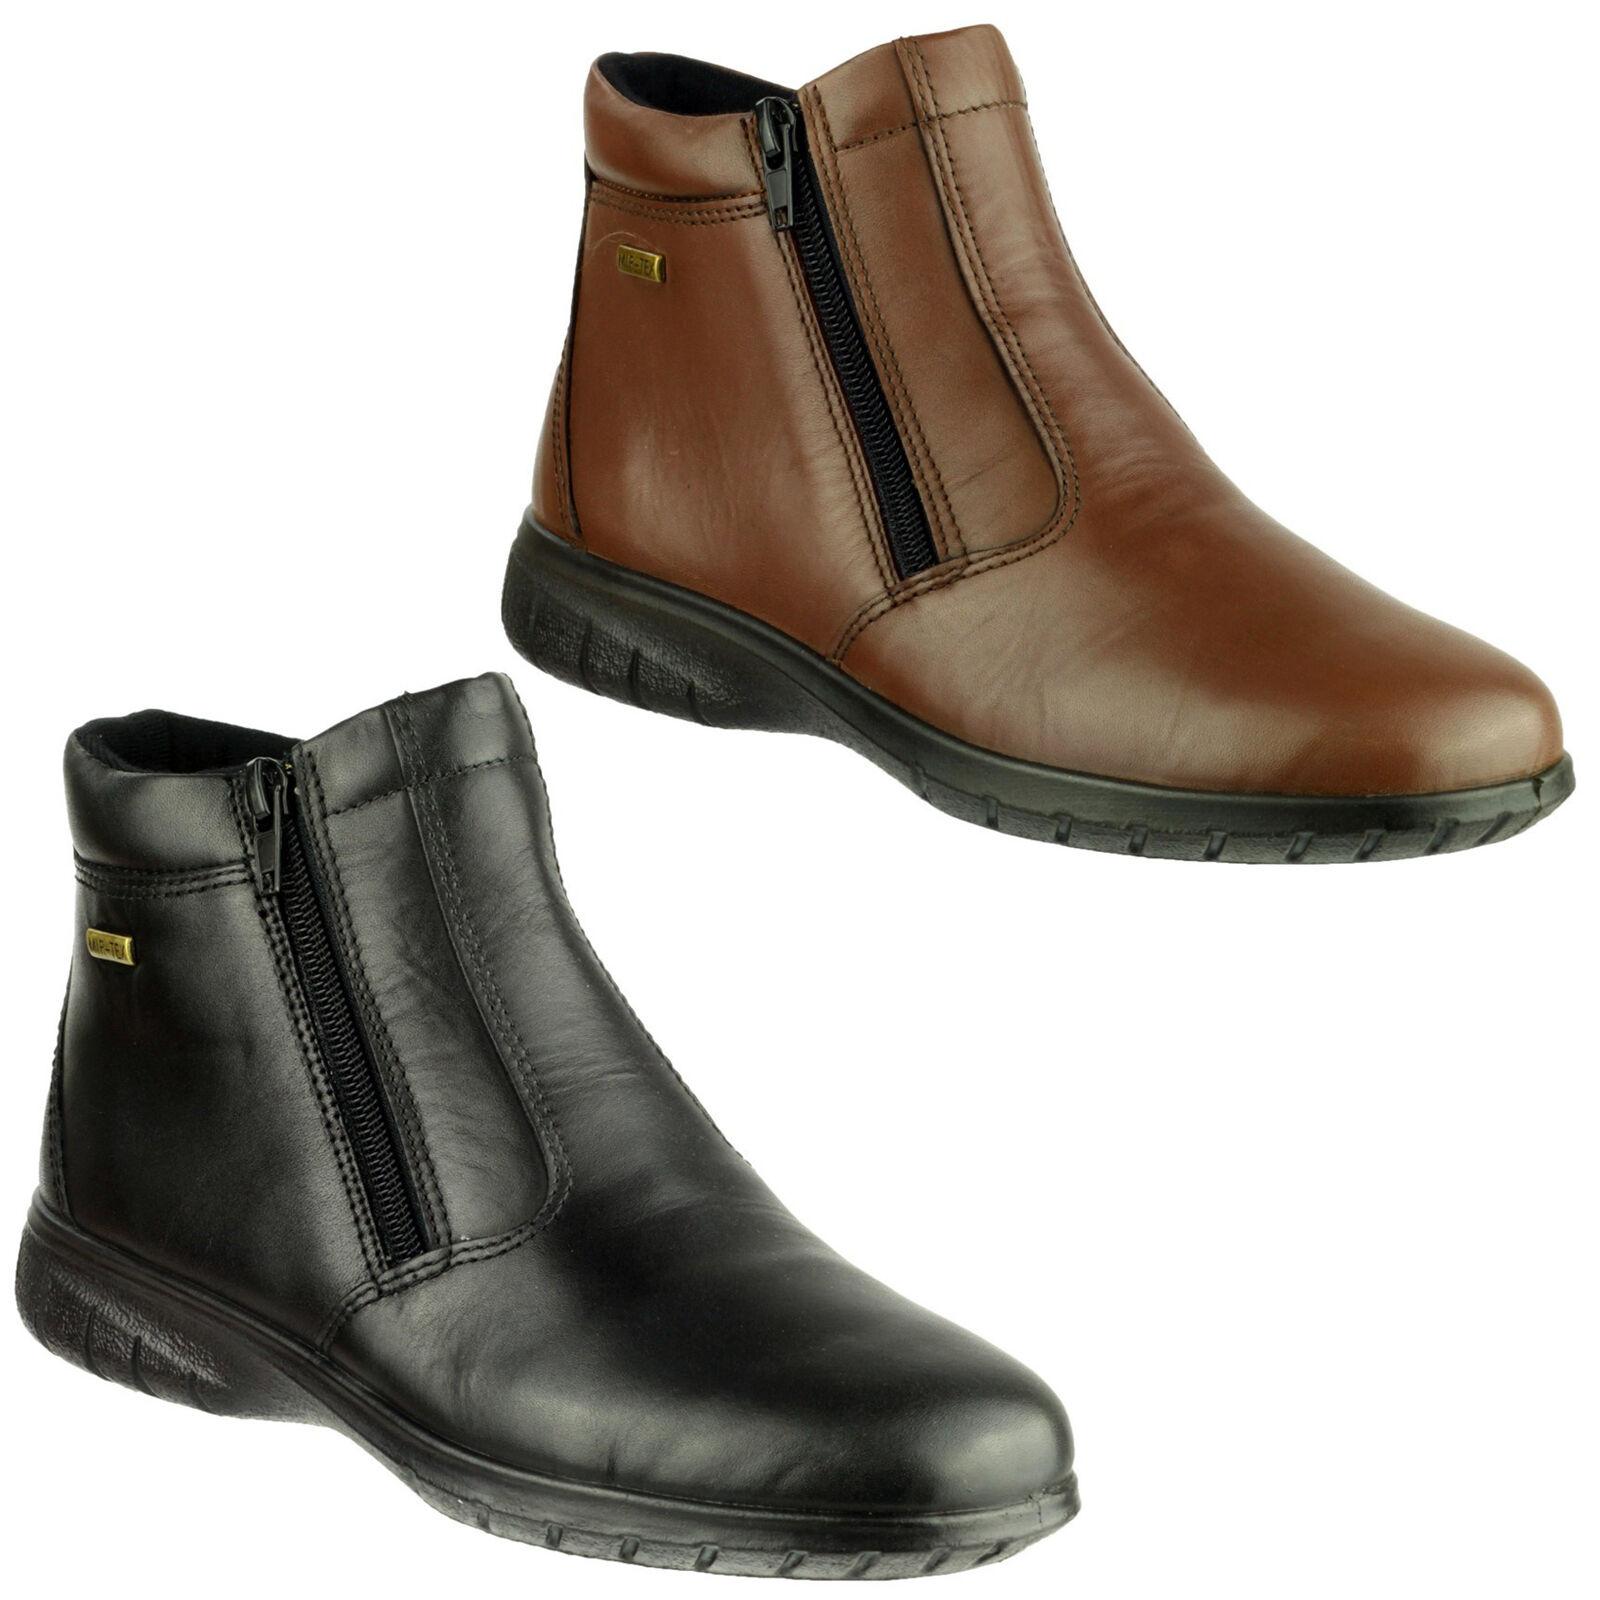 Cotswold DEERHURST Womens Ladies Waterproof Comfy Warm Soft Twin Zip Boots Black